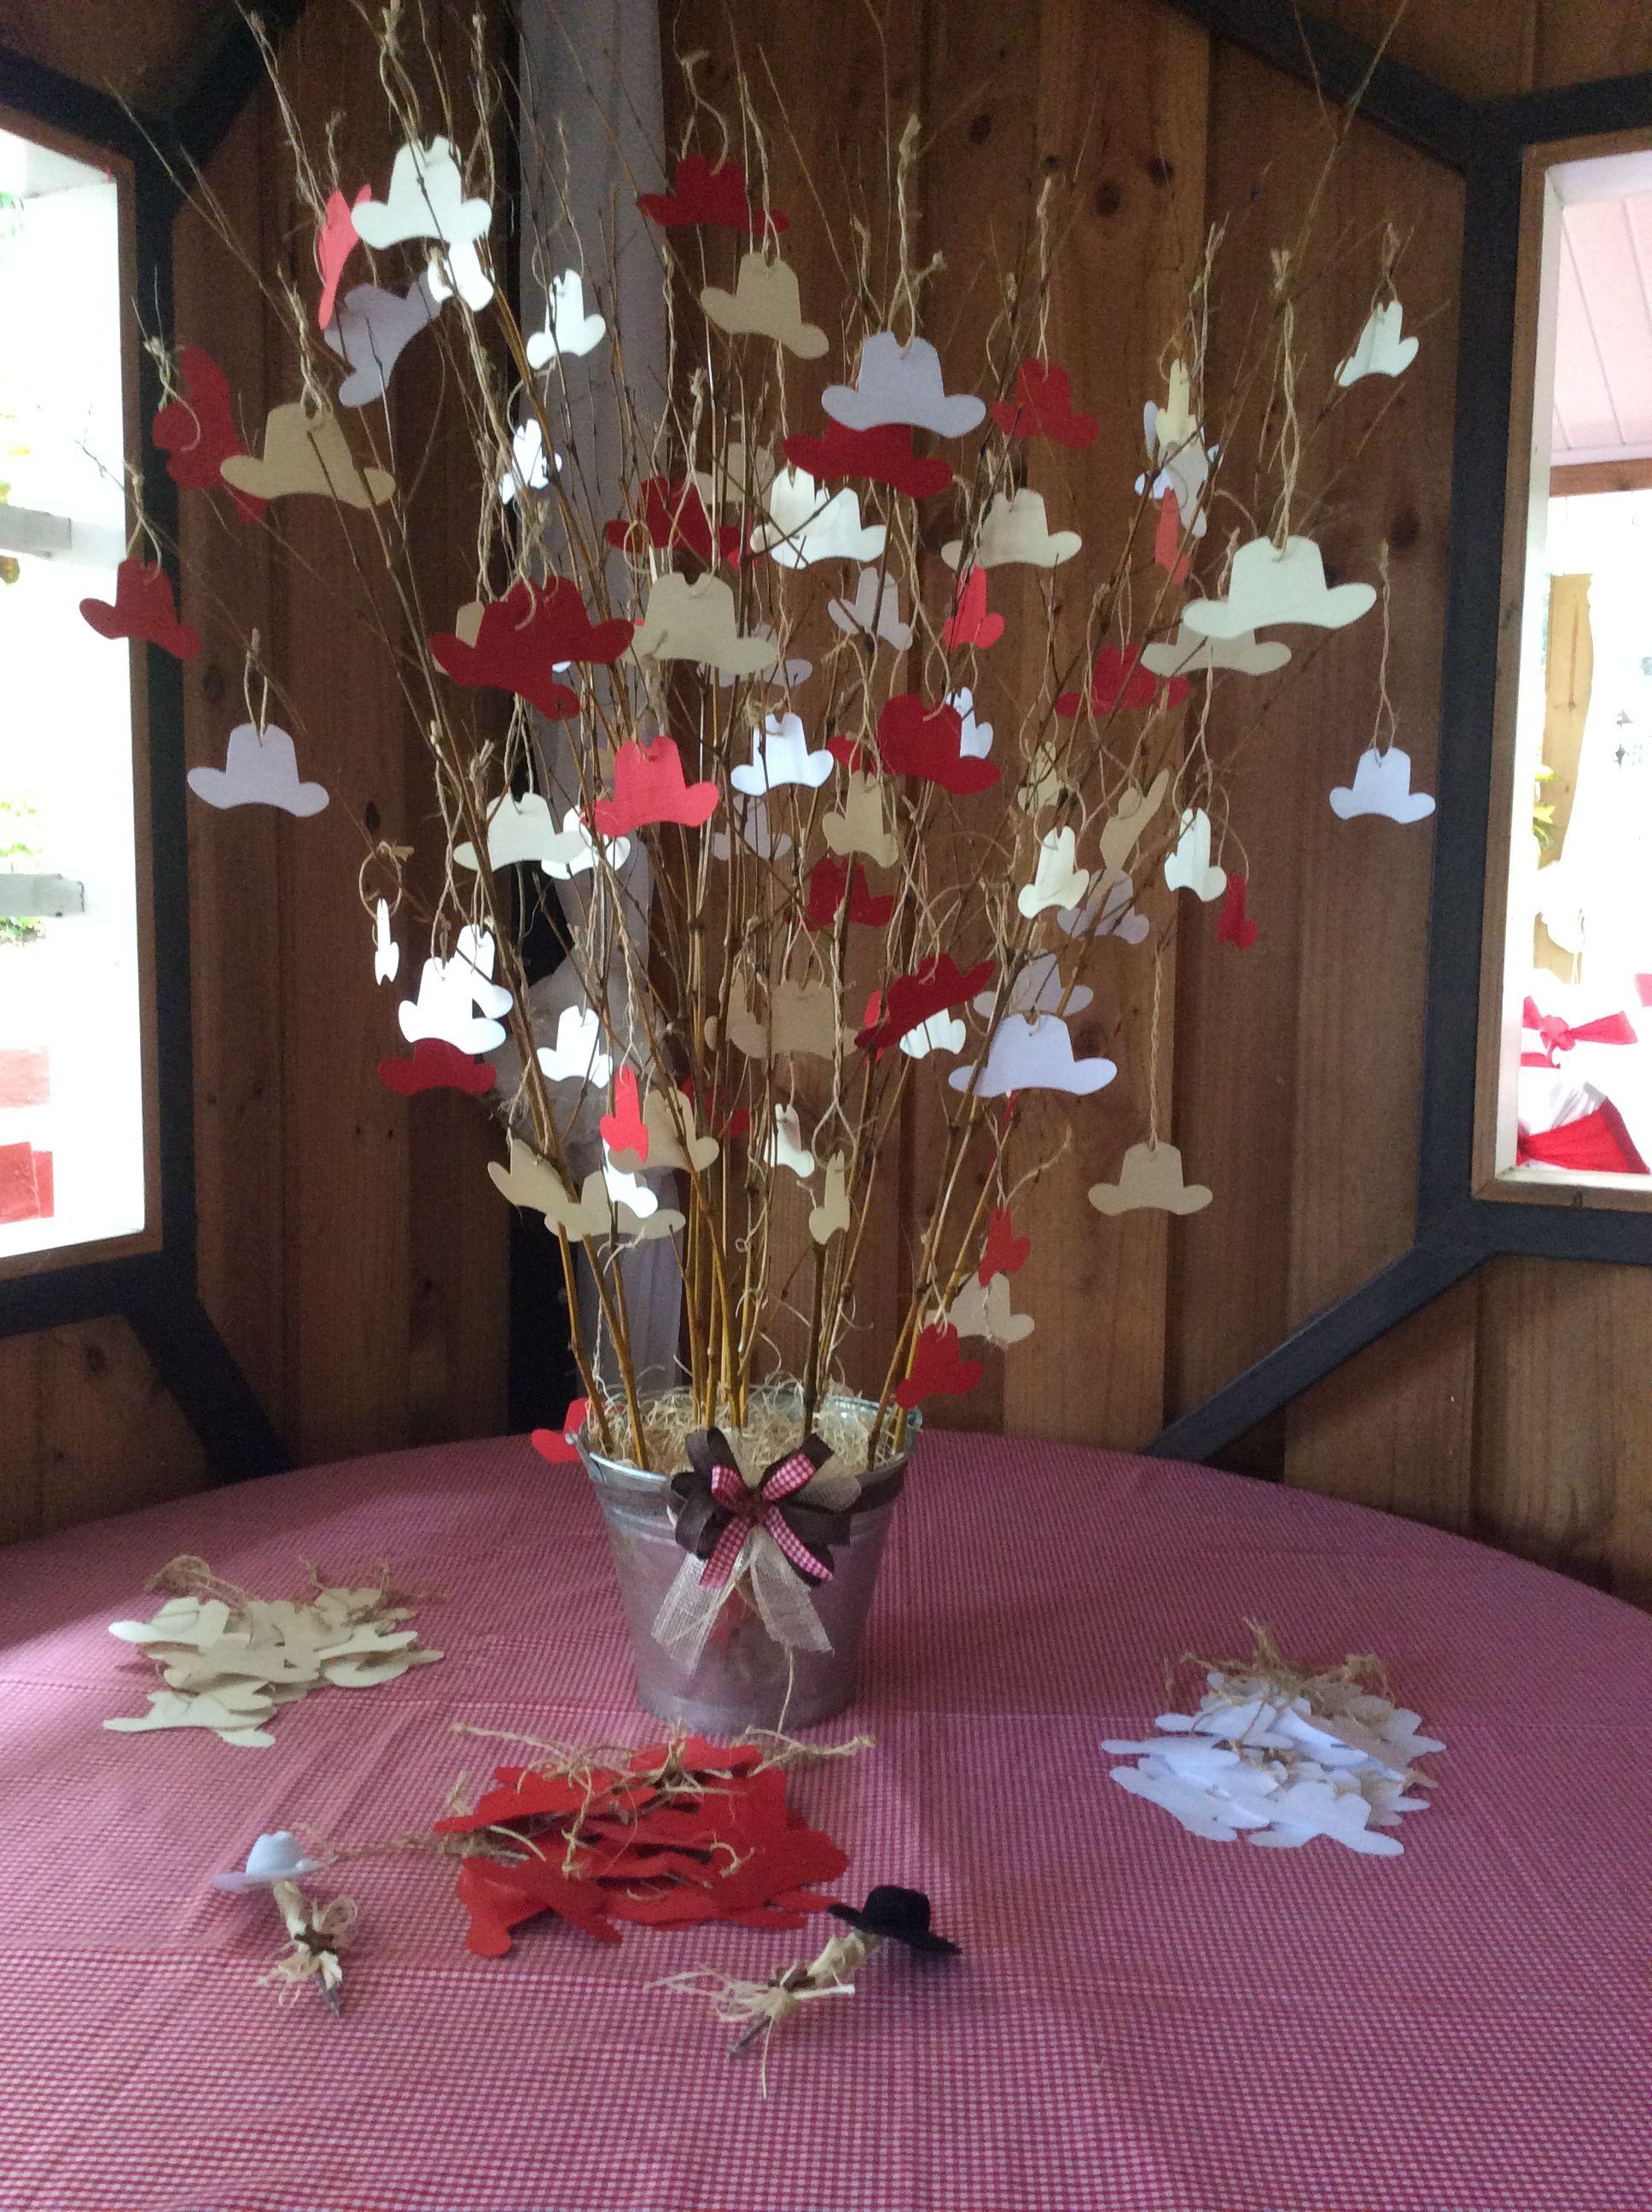 rbol de los deseos donde cada invitado podr escribir sus buenos deseos para el cumpleaero